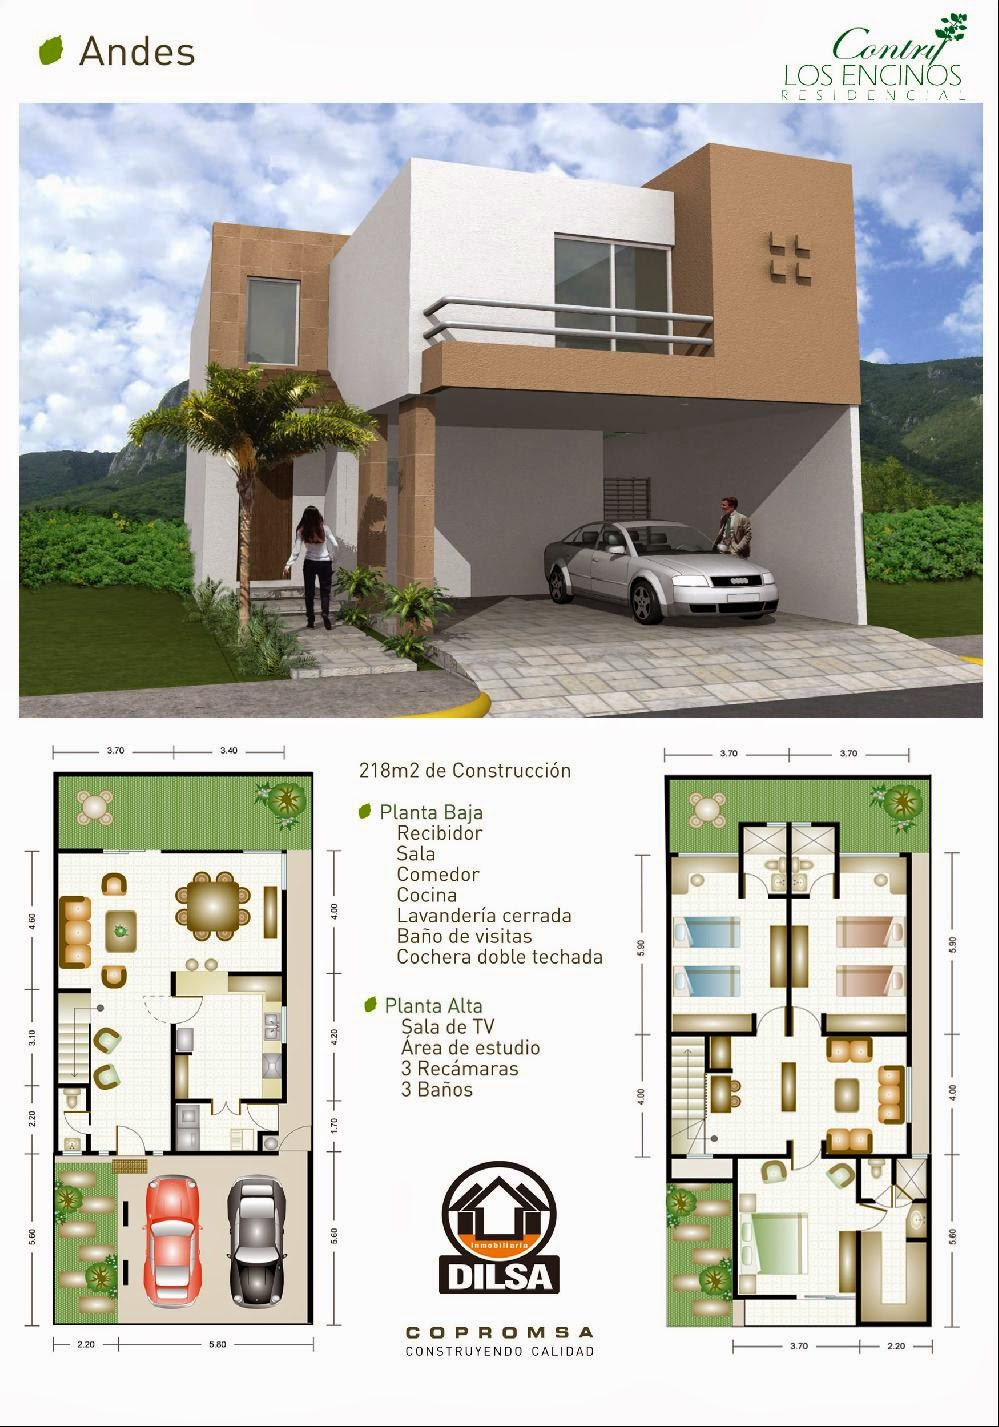 plantas arquitectonicas y fachada Modelo Andes en Contry Los Encinos Residencial